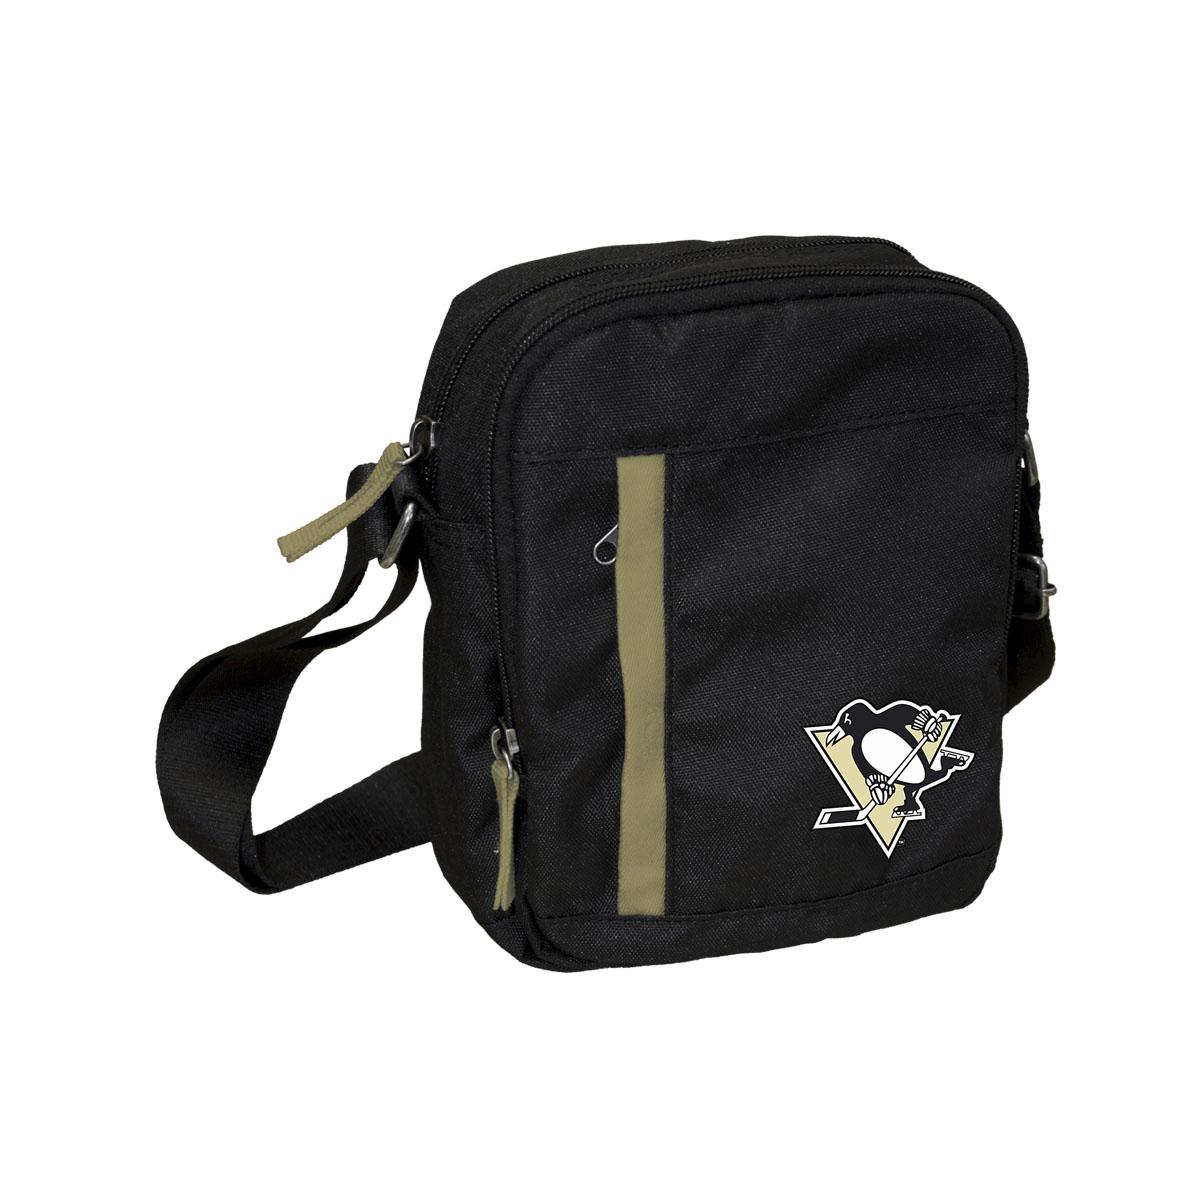 Сумка на ремне NHL Penguins, цвет: черный, 3,5 л. 5801858019Универсальная сумка NHL Penguins на регулируемом плечевом ремне имеет два отделения на молнии. Внешний карман на молнии отделан контрастной полосой. Основное отделение содержит четыре небольших кармана для мелочей, один из них на молнии. Сумка украшена эмблемой хоккейной команды Penguins.